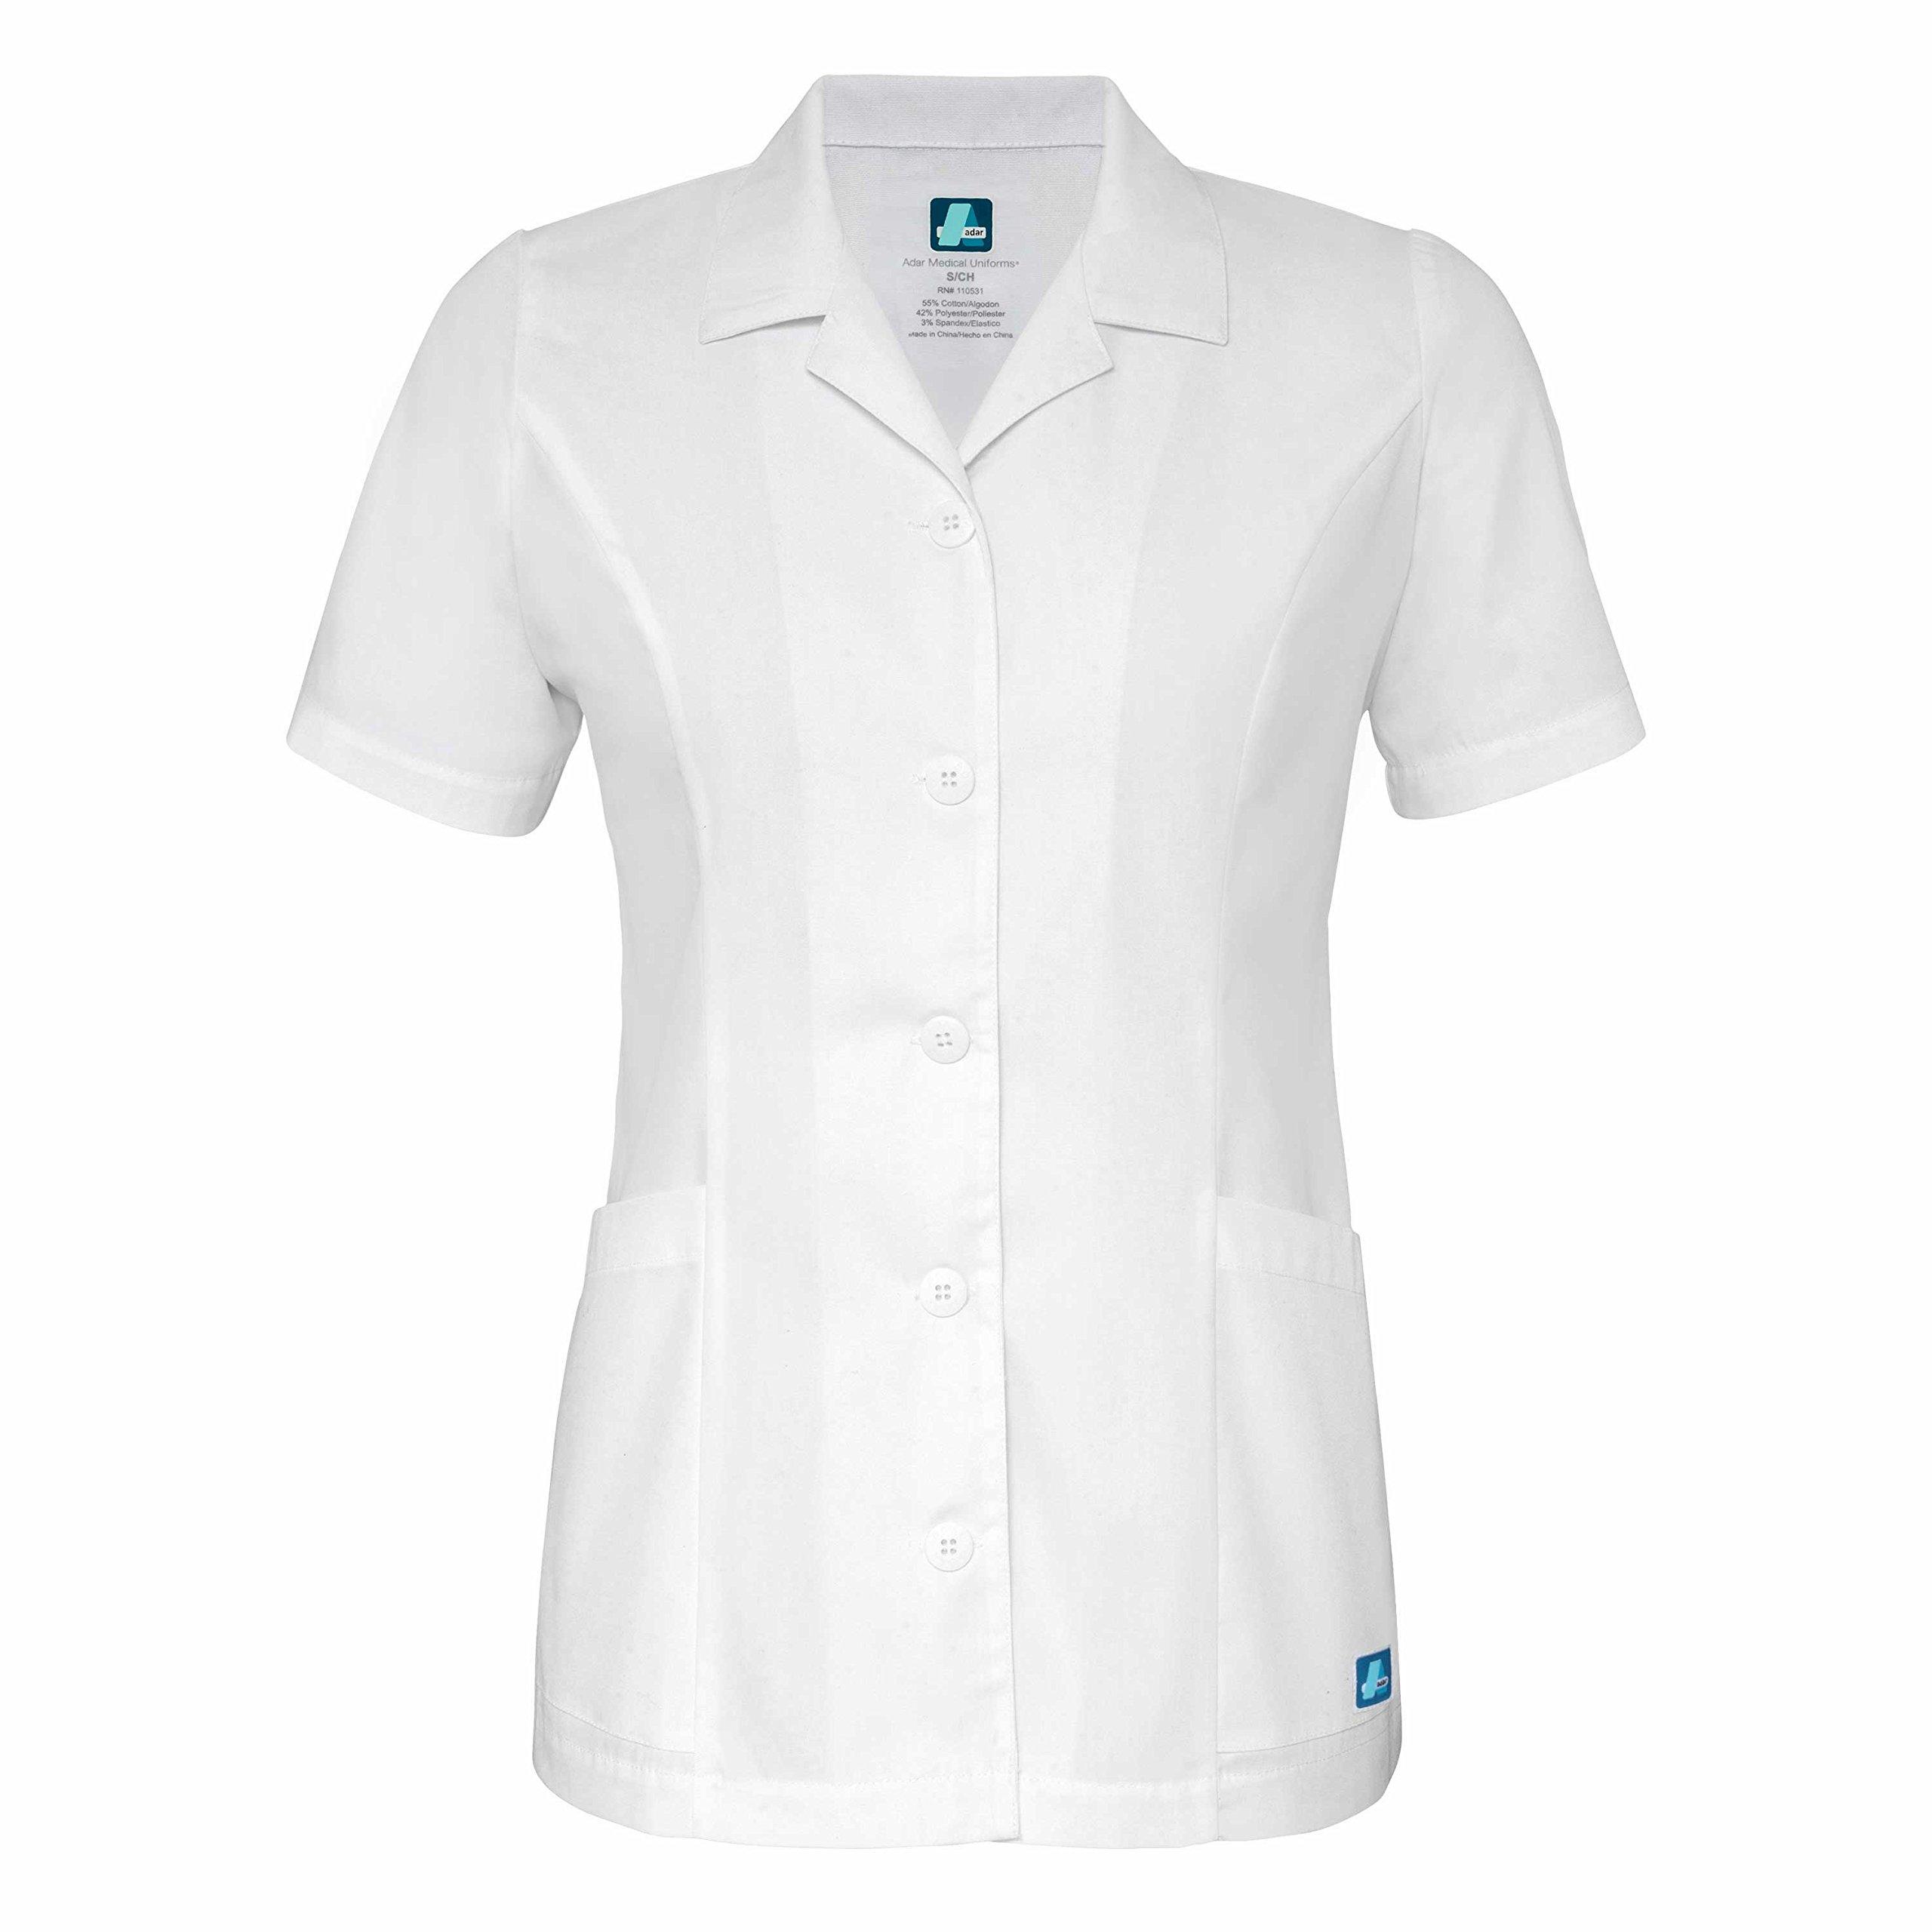 Adar Universal Lapel Collar Buttoned Top - 2629 - White - XL